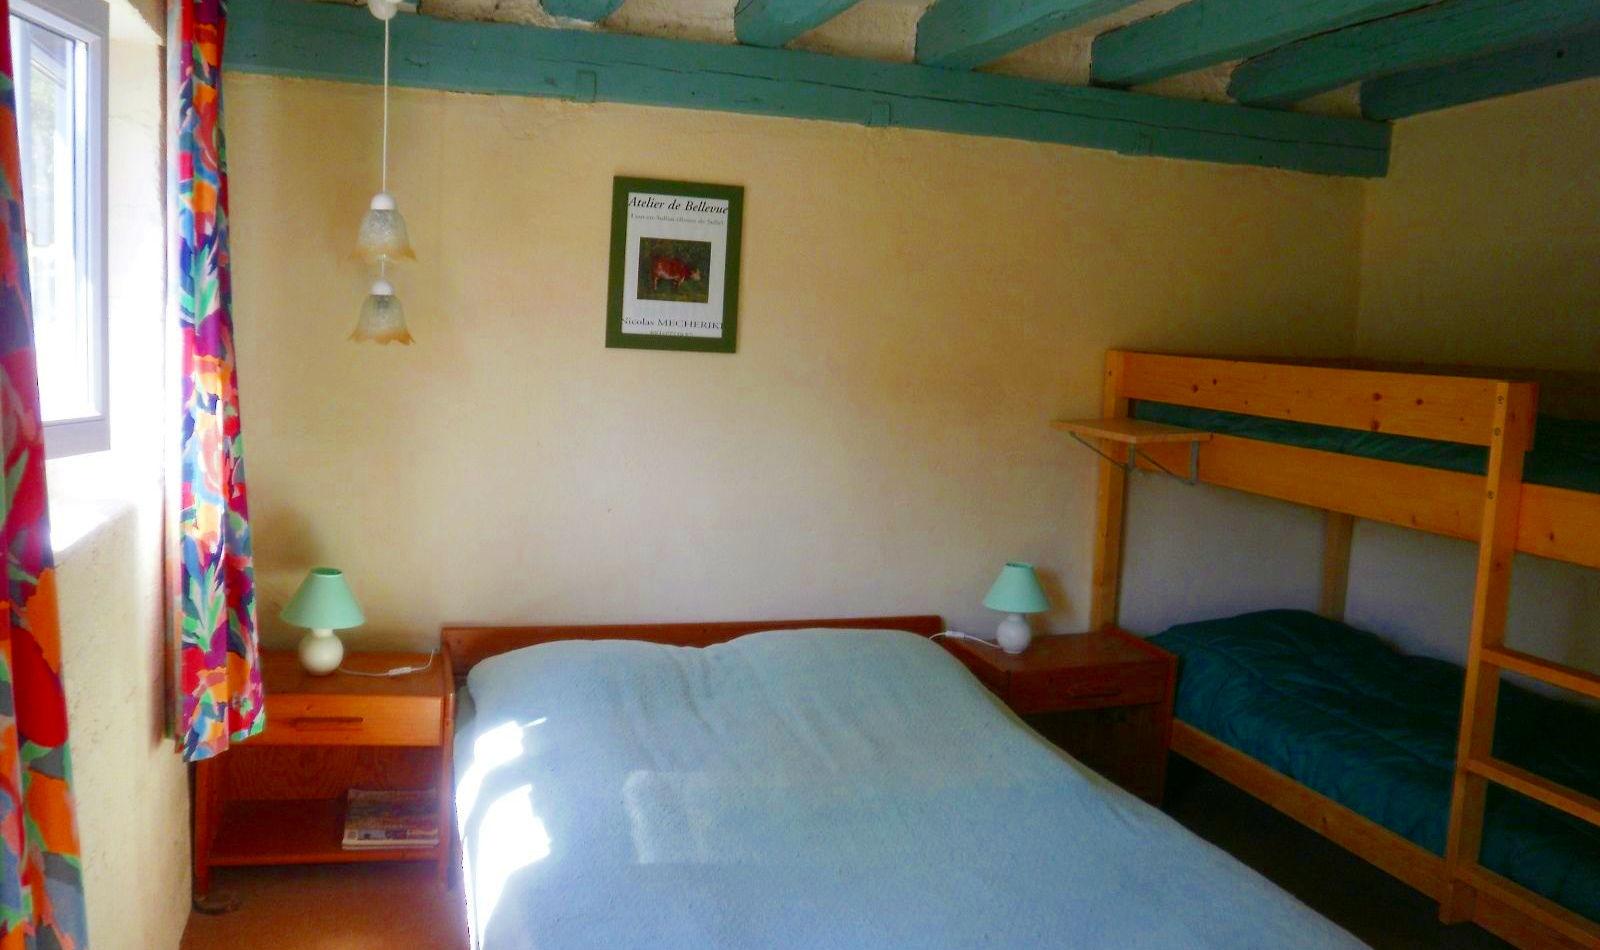 046-huisje-frankrijk-vallon-slaapkamer